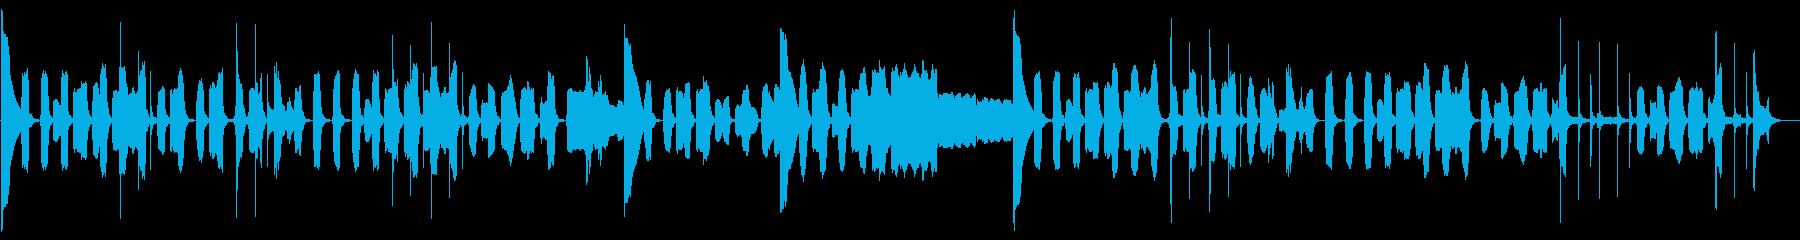 優しいそよ風の生演奏。リコーダー3本。の再生済みの波形